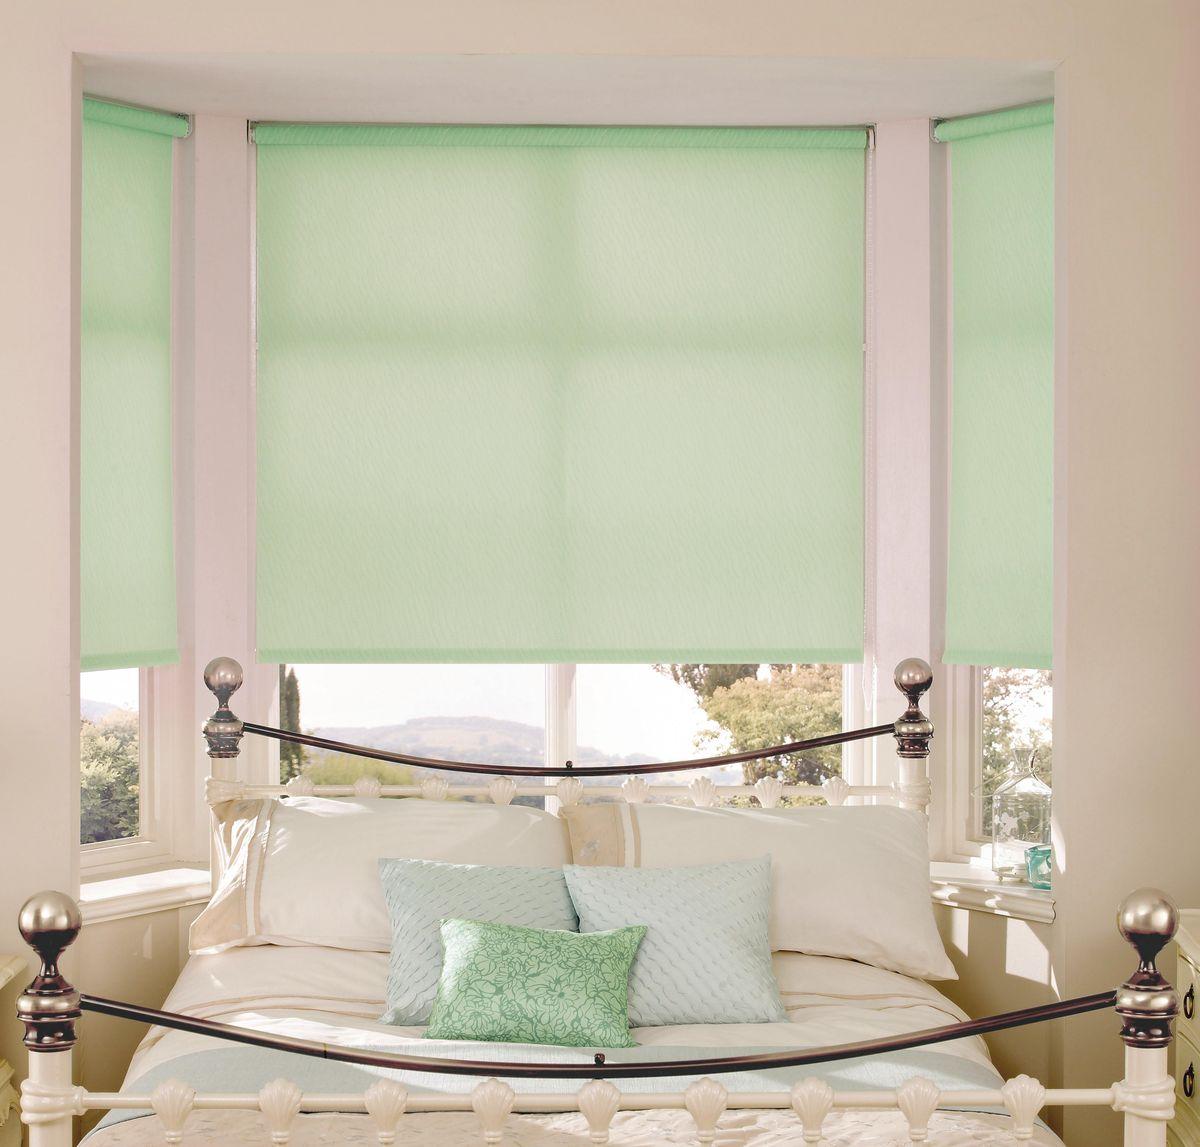 Штора рулонная Эскар, цвет: светло-зеленый, ширина 130 см, высота 170 см1004900000360Рулонными шторами можно оформлять окна как самостоятельно, так и использовать в комбинации с портьерами. Это поможет предотвратить выгорание дорогой ткани на солнце и соединит функционал рулонных с красотой навесных.Преимущества применения рулонных штор для пластиковых окон:- имеют прекрасный внешний вид: многообразие и фактурность материала изделия отлично смотрятся в любом интерьере; - многофункциональны: есть возможность подобрать шторы способные эффективно защитить комнату от солнца, при этом о на не будет слишком темной. - Есть возможность осуществить быстрый монтаж. ВНИМАНИЕ! Размеры ширины изделия указаны по ширине ткани!Во время эксплуатации не рекомендуется полностью разматывать рулон, чтобы не оторвать ткань от намоточного вала.В случае загрязнения поверхности ткани, чистку шторы проводят одним из способов, в зависимости от типа загрязнения: легкое поверхностное загрязнение можно удалить при помощи канцелярского ластика; чистка от пыли производится сухим методом при помощи пылесоса с мягкой щеткой-насадкой; для удаления пятна используйте мягкую губку с пенообразующим неагрессивным моющим средством или пятновыводитель на натуральной основе (нельзя применять растворители).